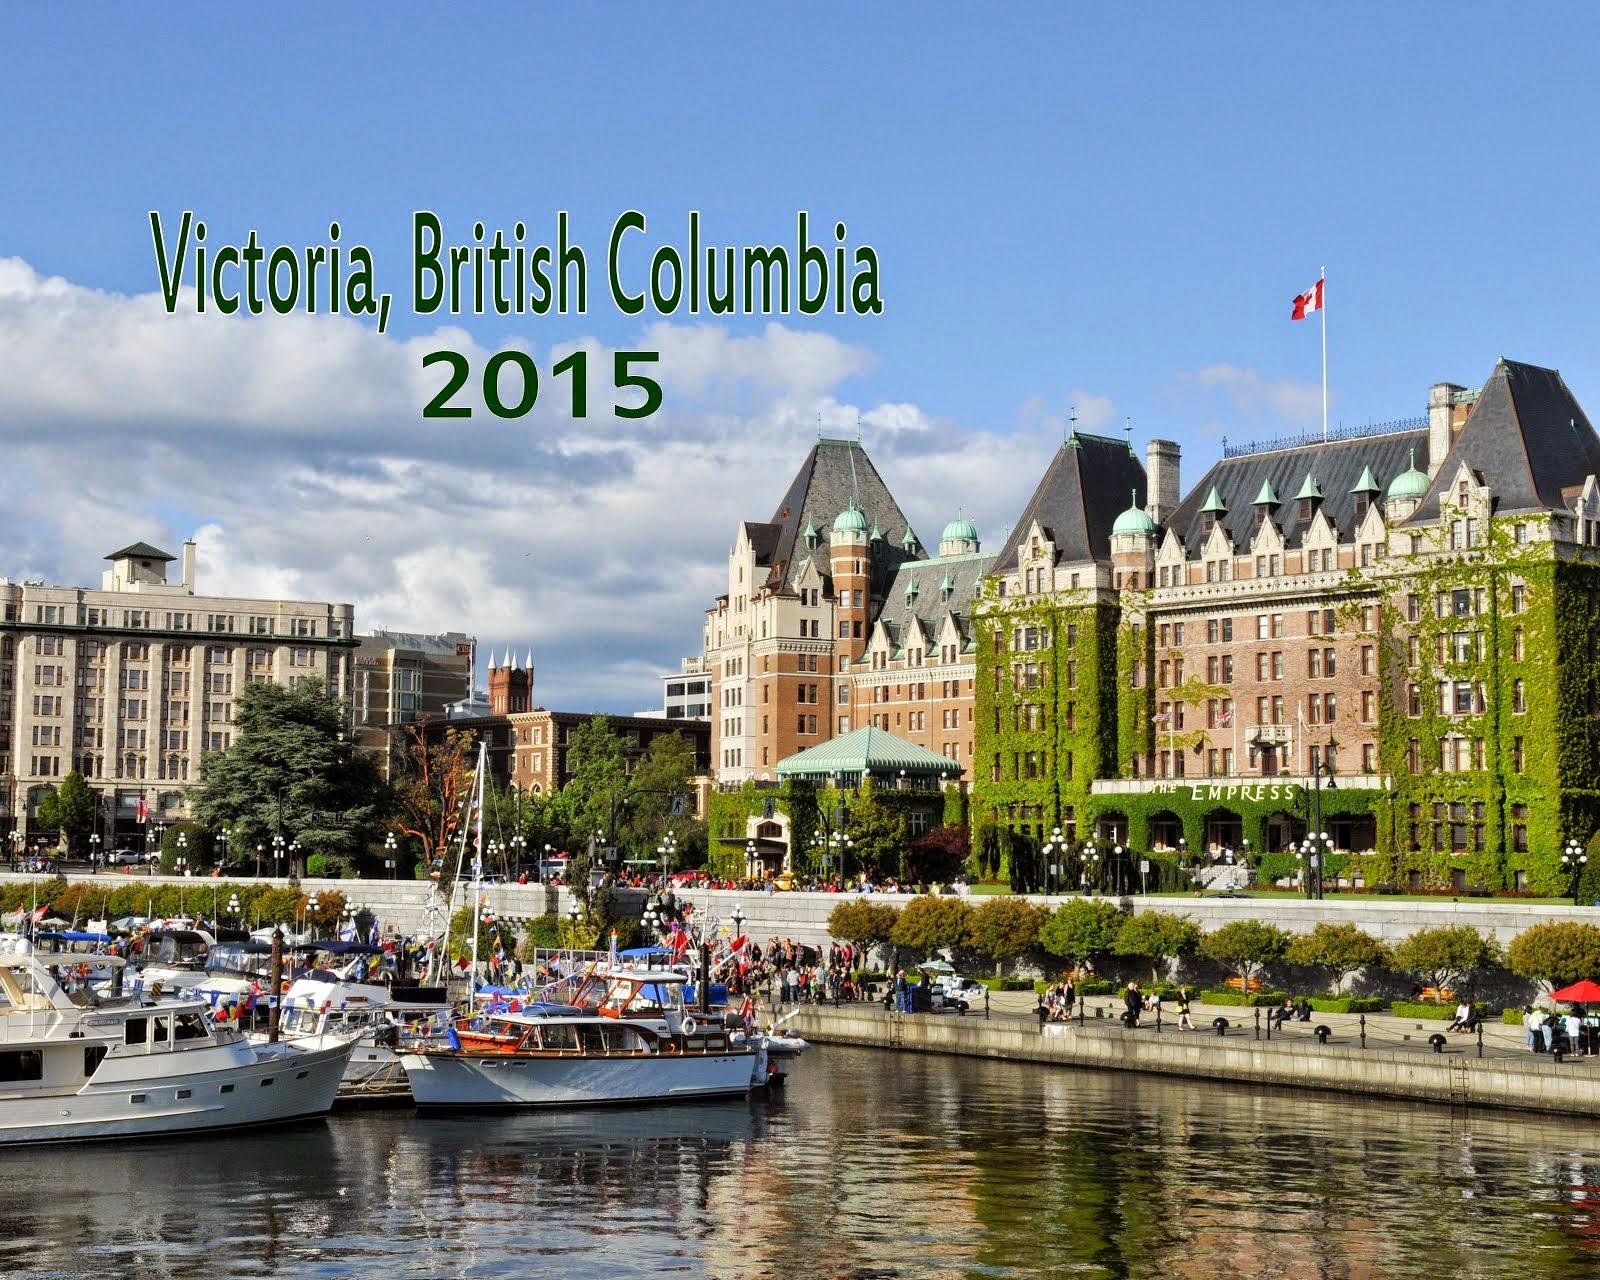 Victoria. British Columbia Calendar 2015